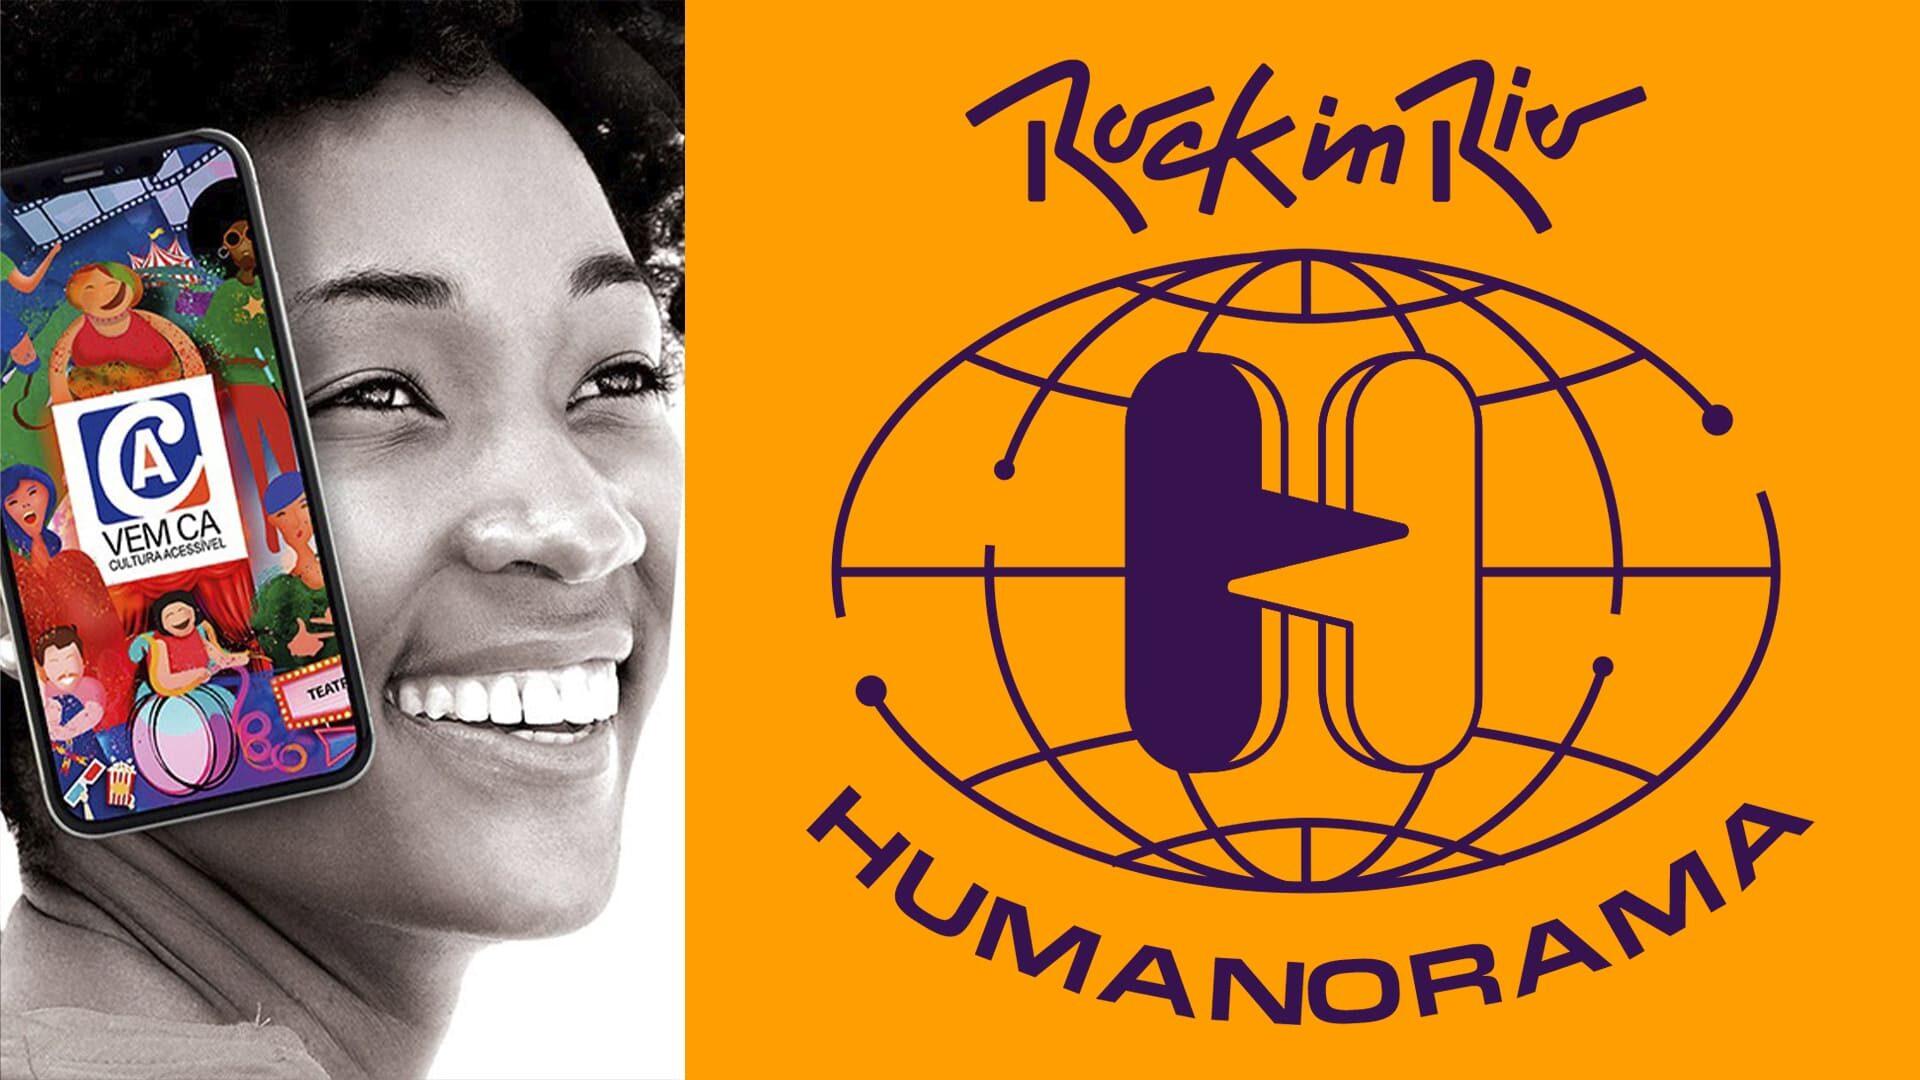 Arte com foto de mulher negra, com celular no App VEM CÁ no Rock In Rio Humanorama 2021. Descrição detalhada na legenda.